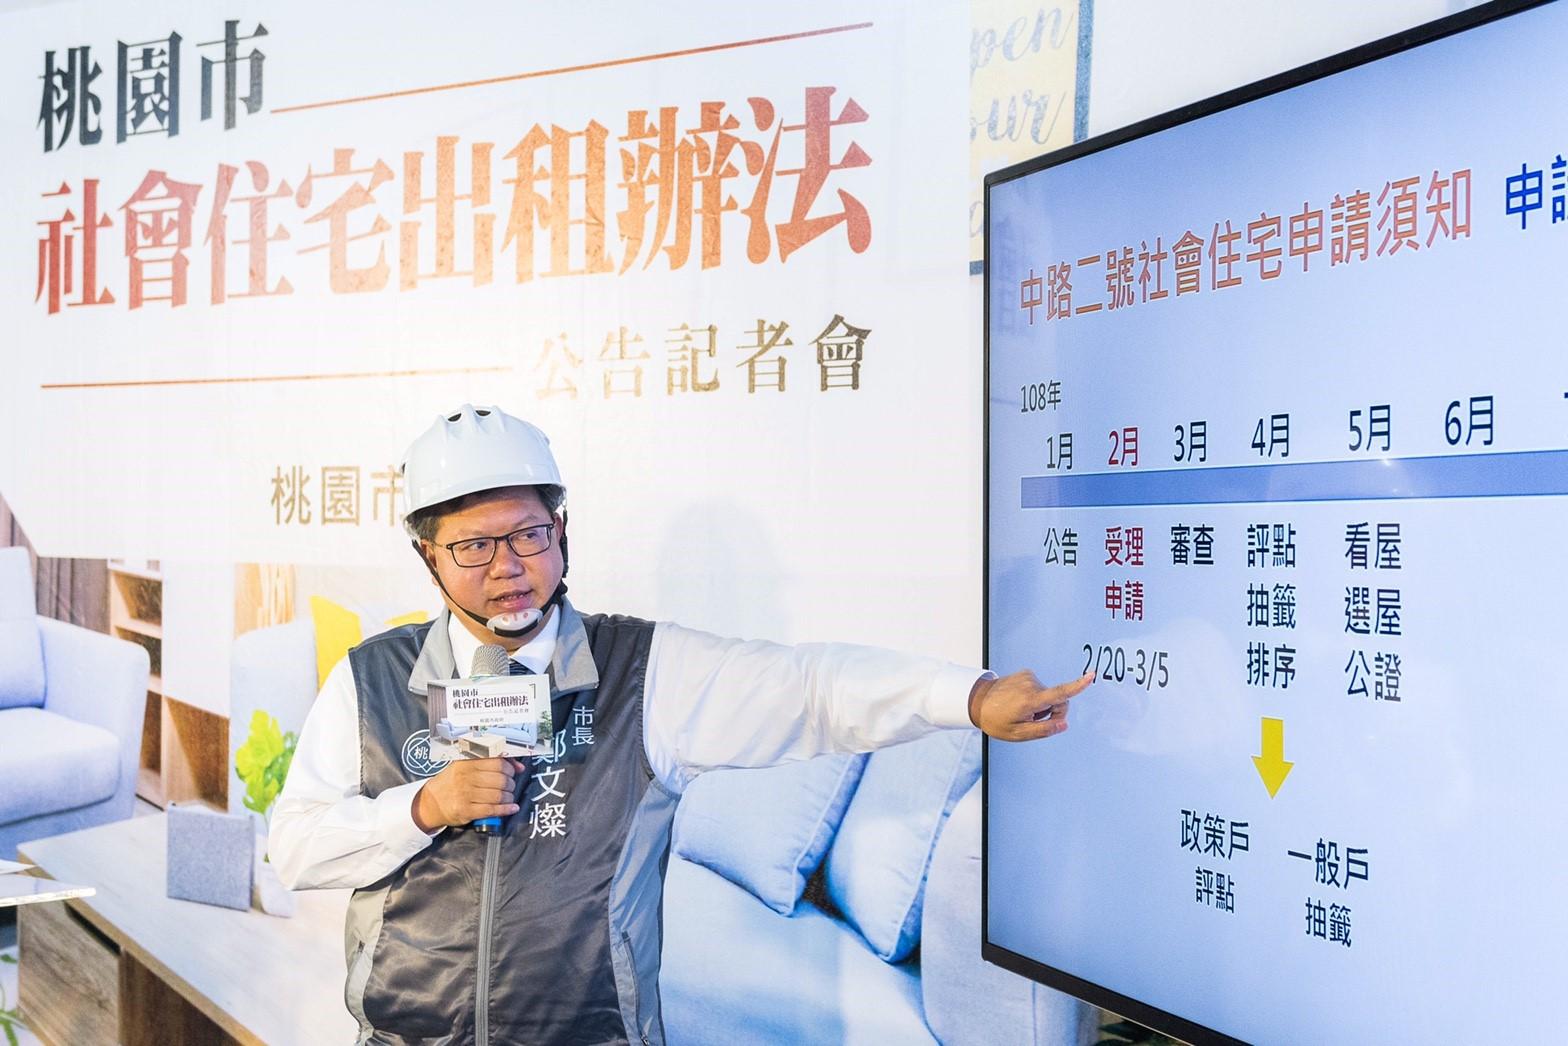 市長簡報說明中路二號社會住宅申請期程